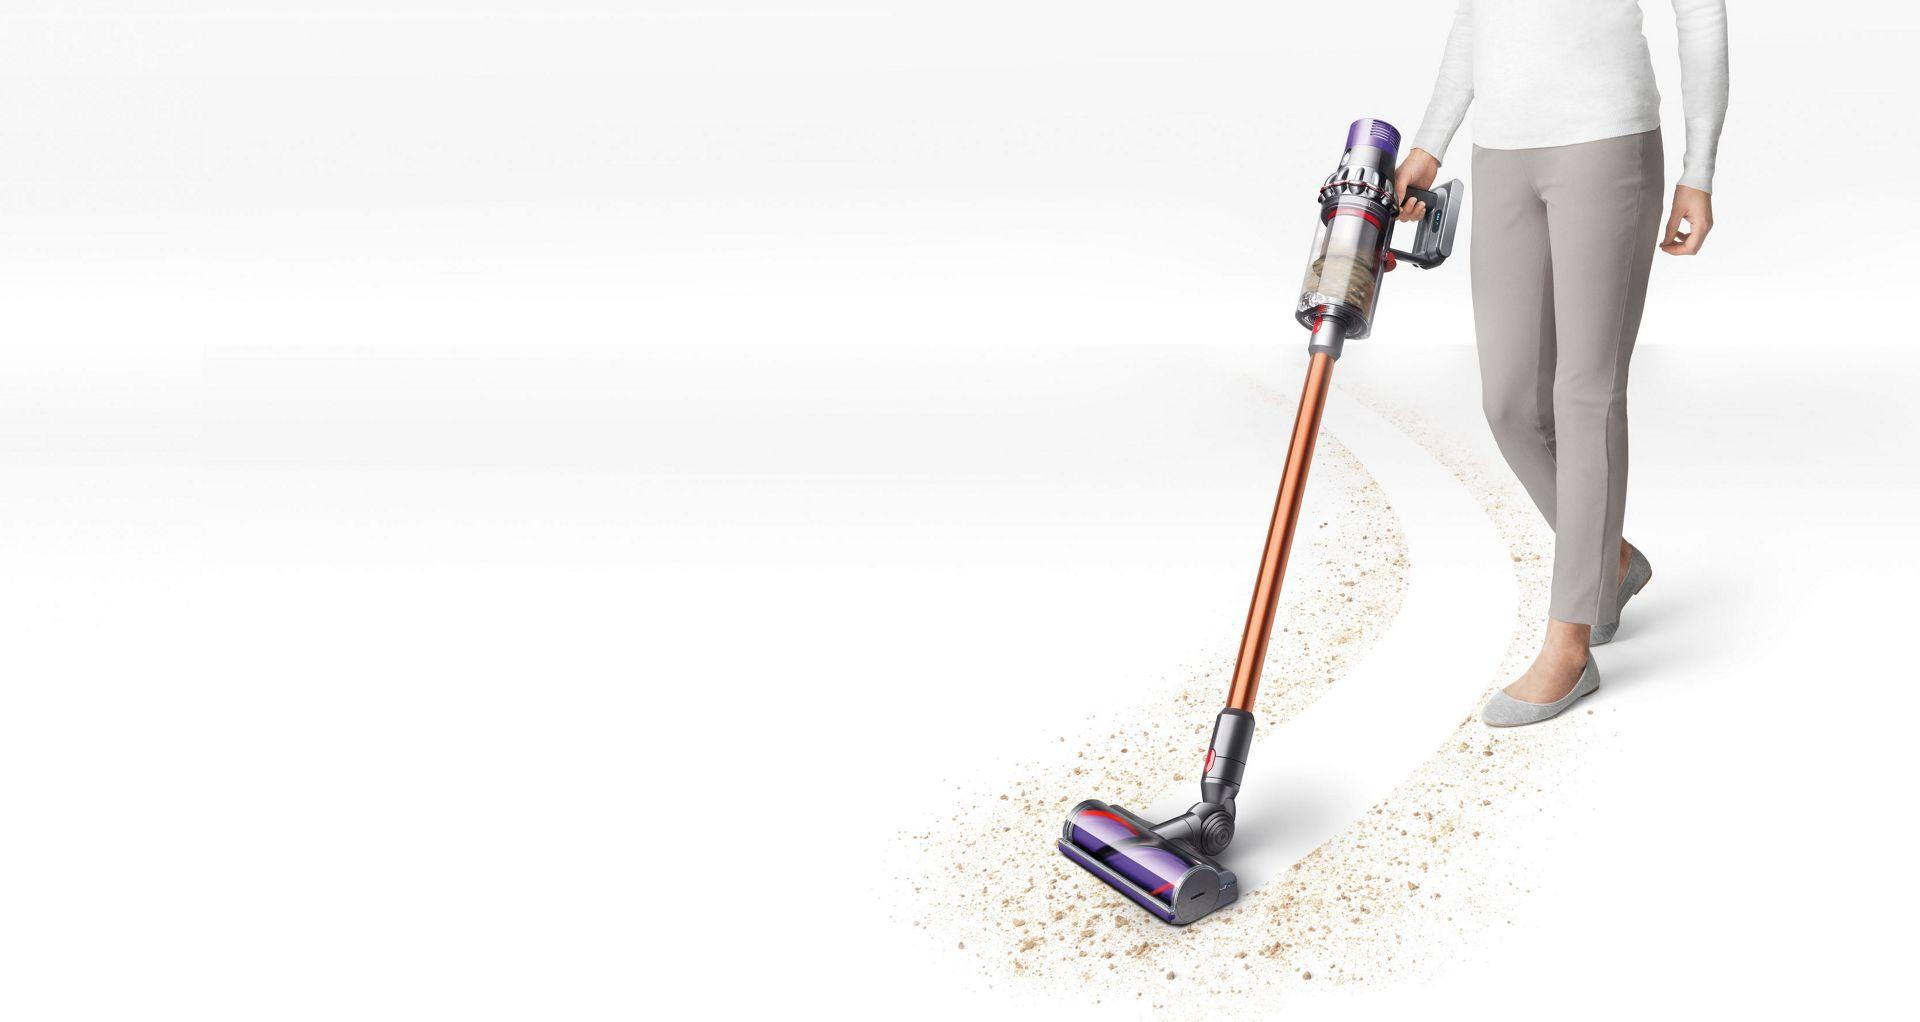 Dyson Cyclone V10 Motorhead Cord-Free Vacuum